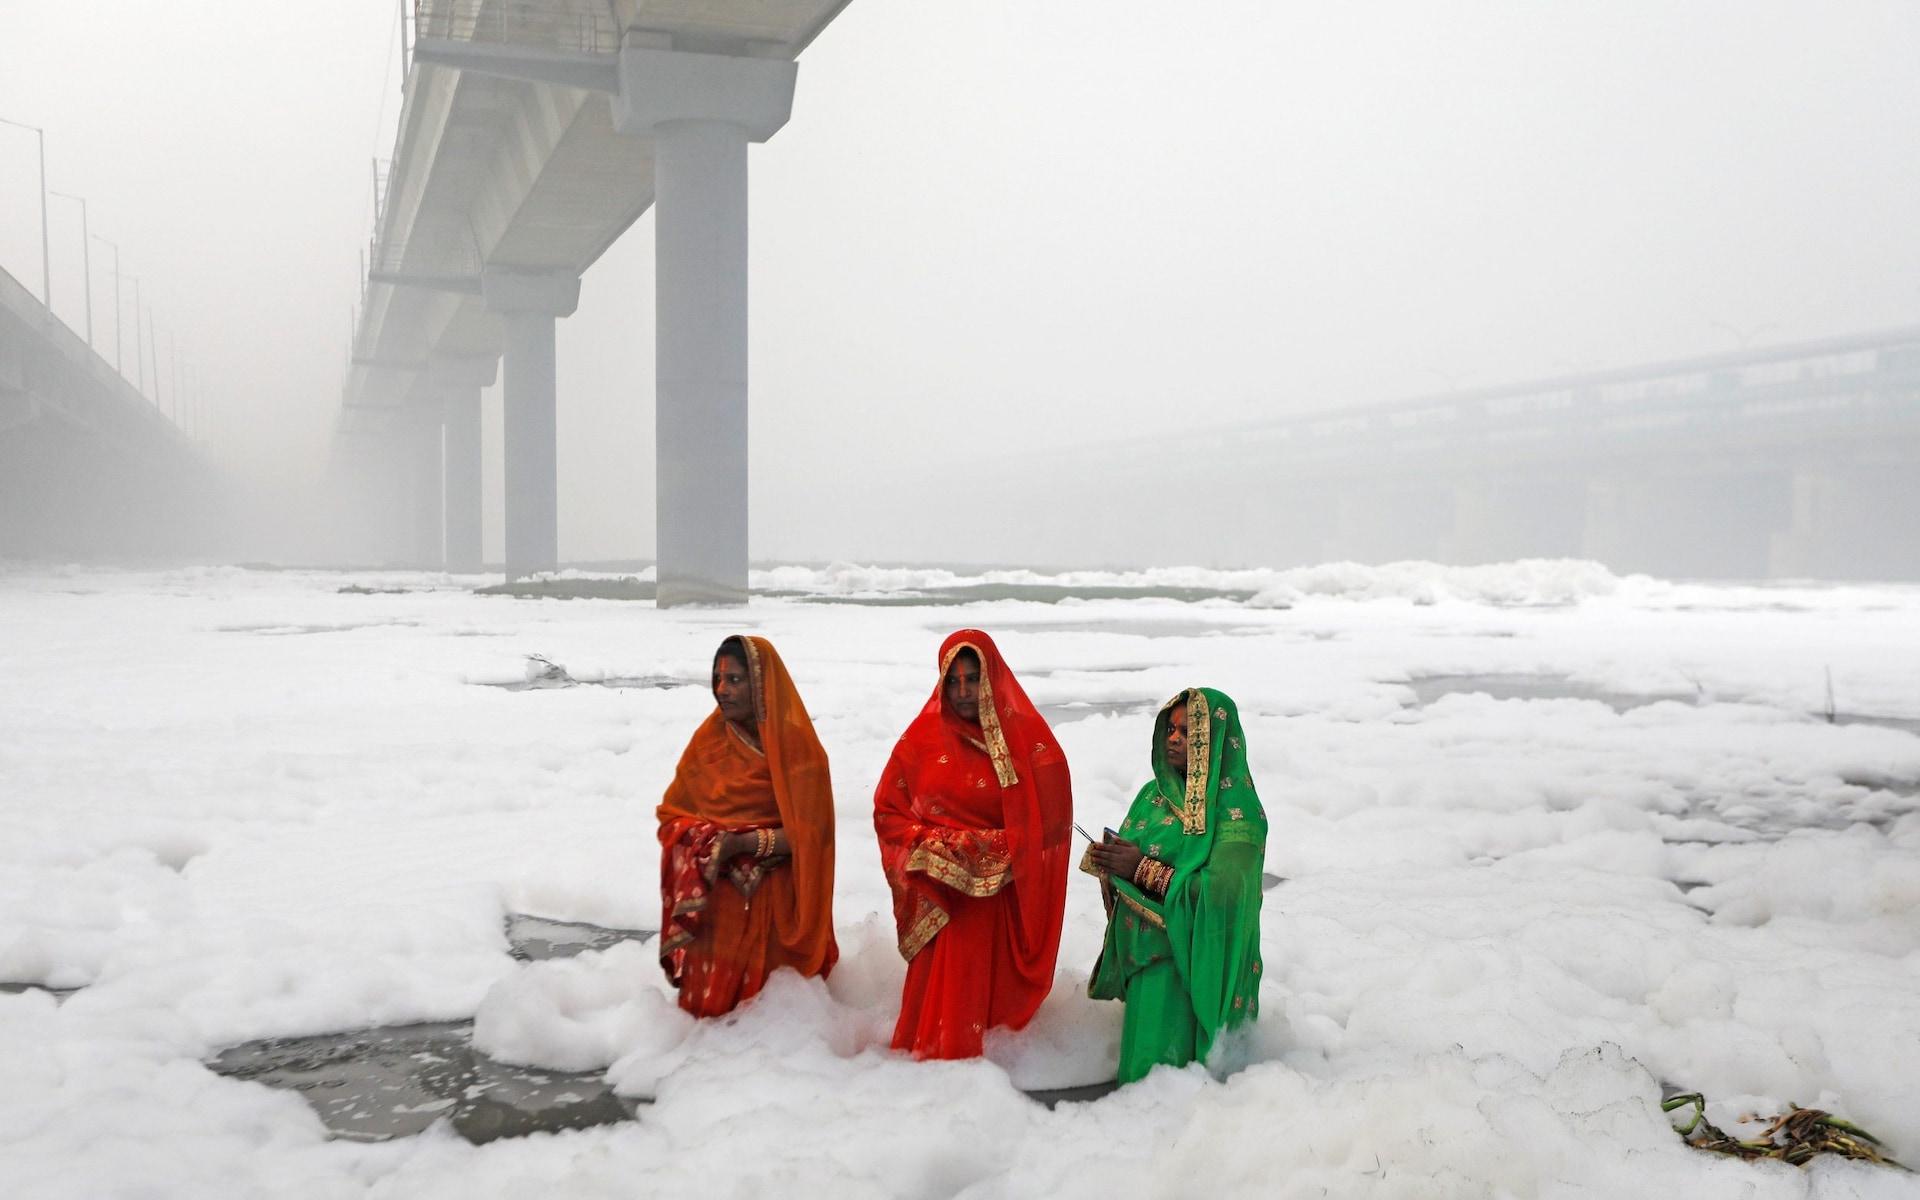 تصاویر روز: از دعای زنان هندی در آب آلوده رودخانه تا ادامه درگیری ها در هنگ کنگ